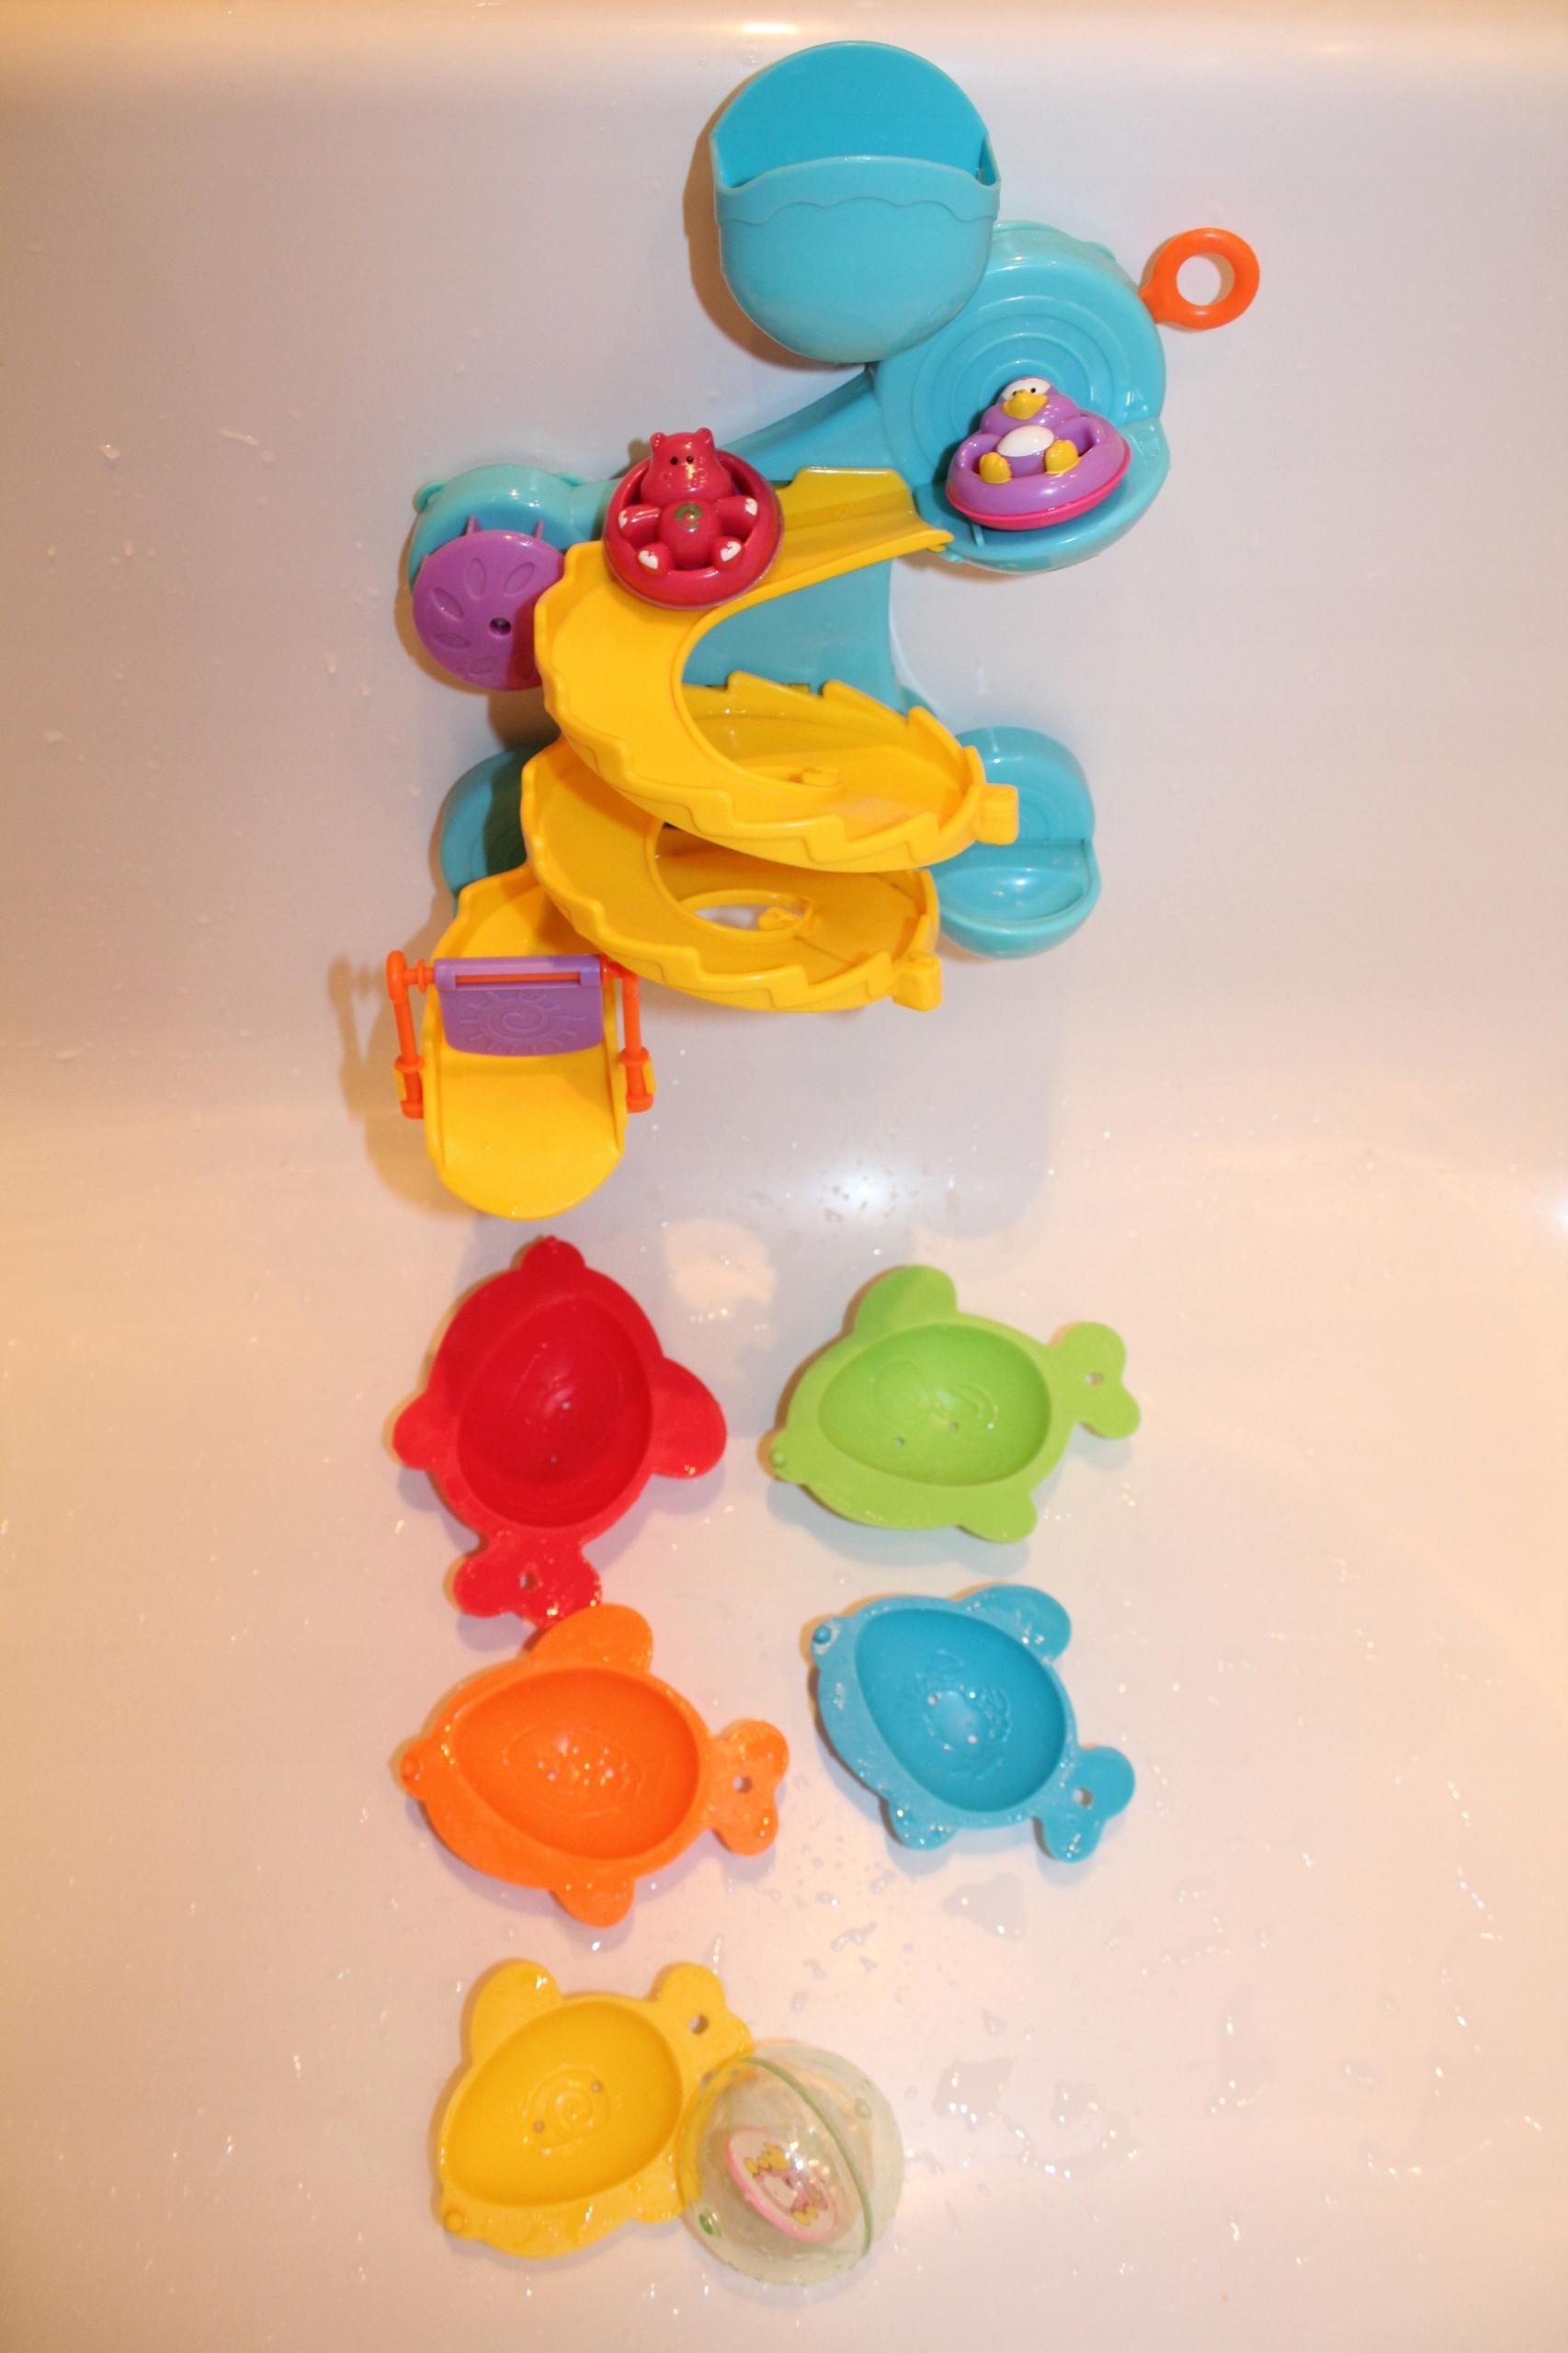 Zabawki do kąpieli wesoła zjeżdżalnia i rybki